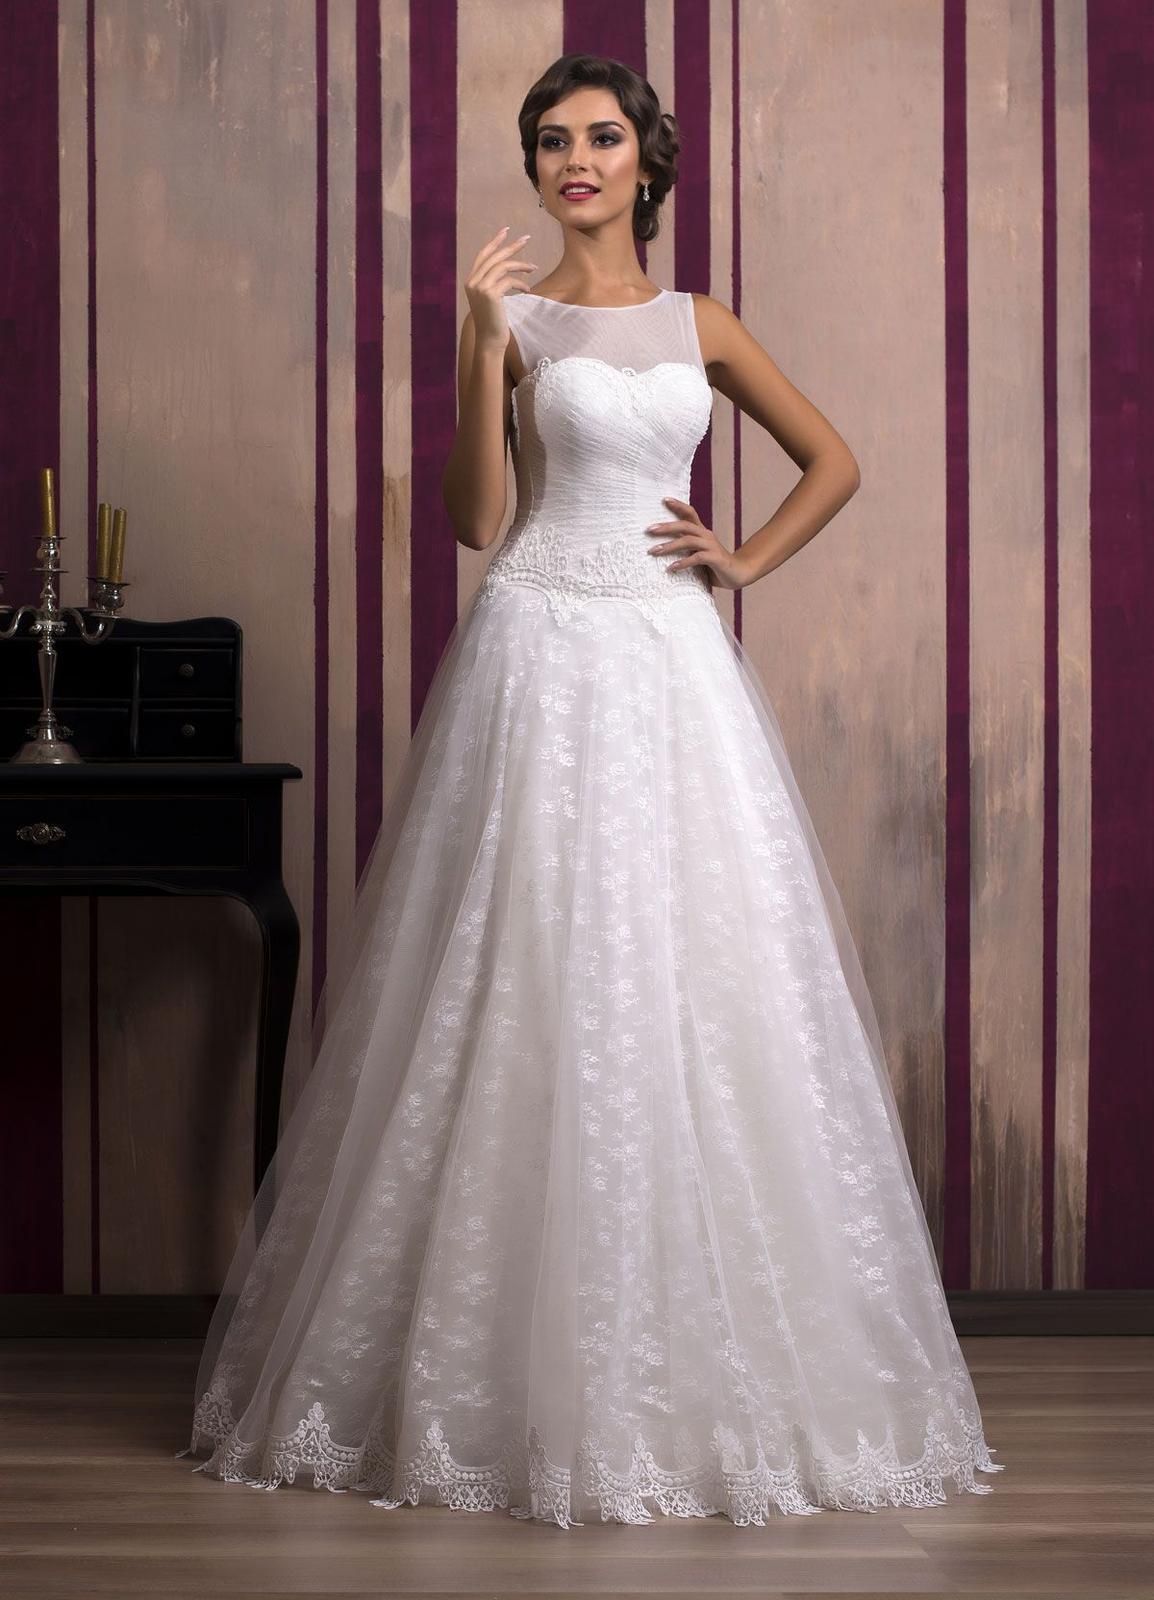 fe37dfe27d6b Luxusné čipkované svadobné šaty šité na mieru